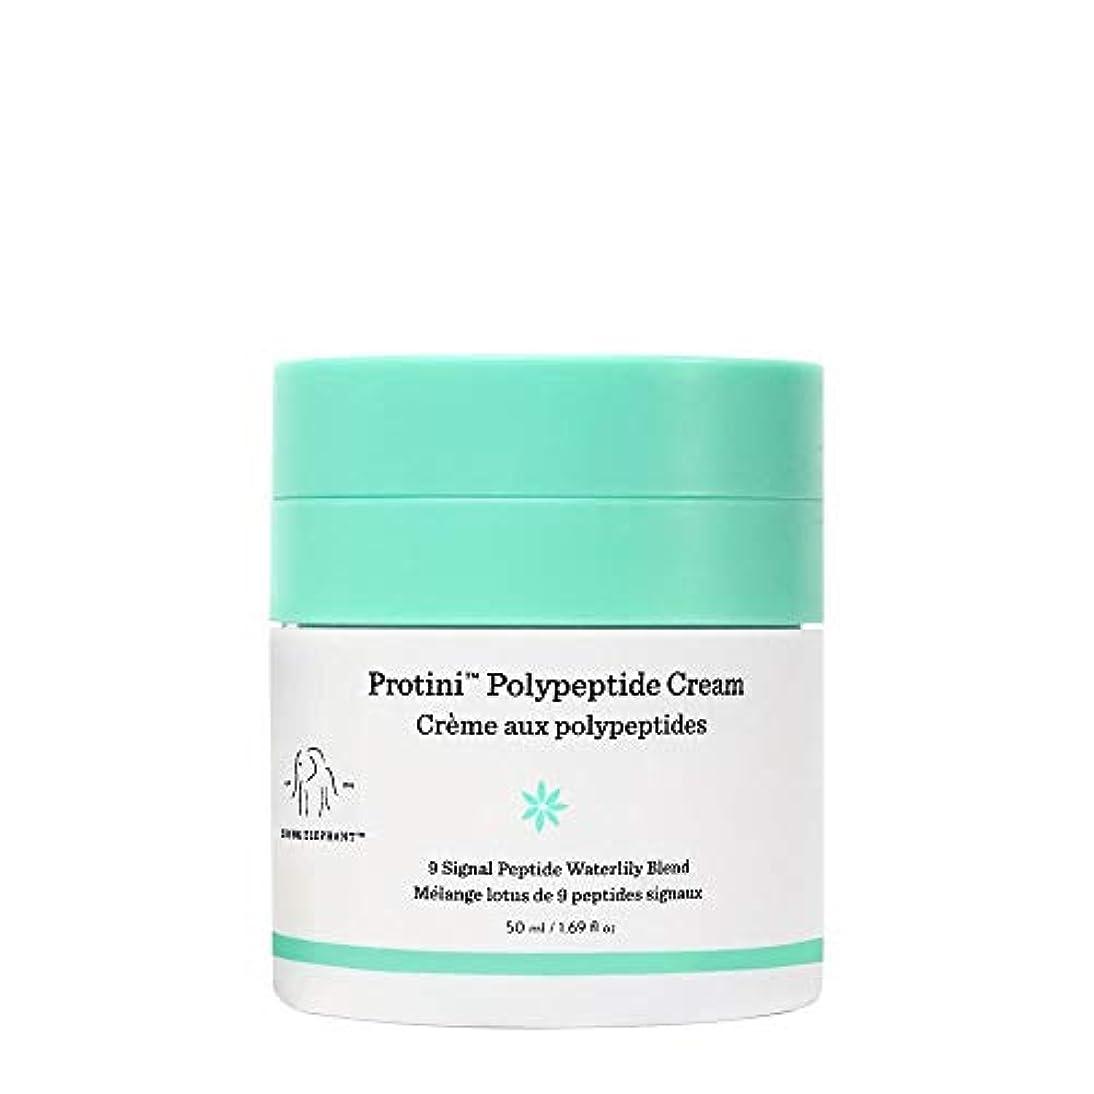 心理的に常に待ってDRUNK ELEPHANT Protini Polypeptide Cream 1.69 oz/ 50 ml ドランクエレファント プロティーニ ポリペプタイド クリーム 1.69 oz/ 50 ml